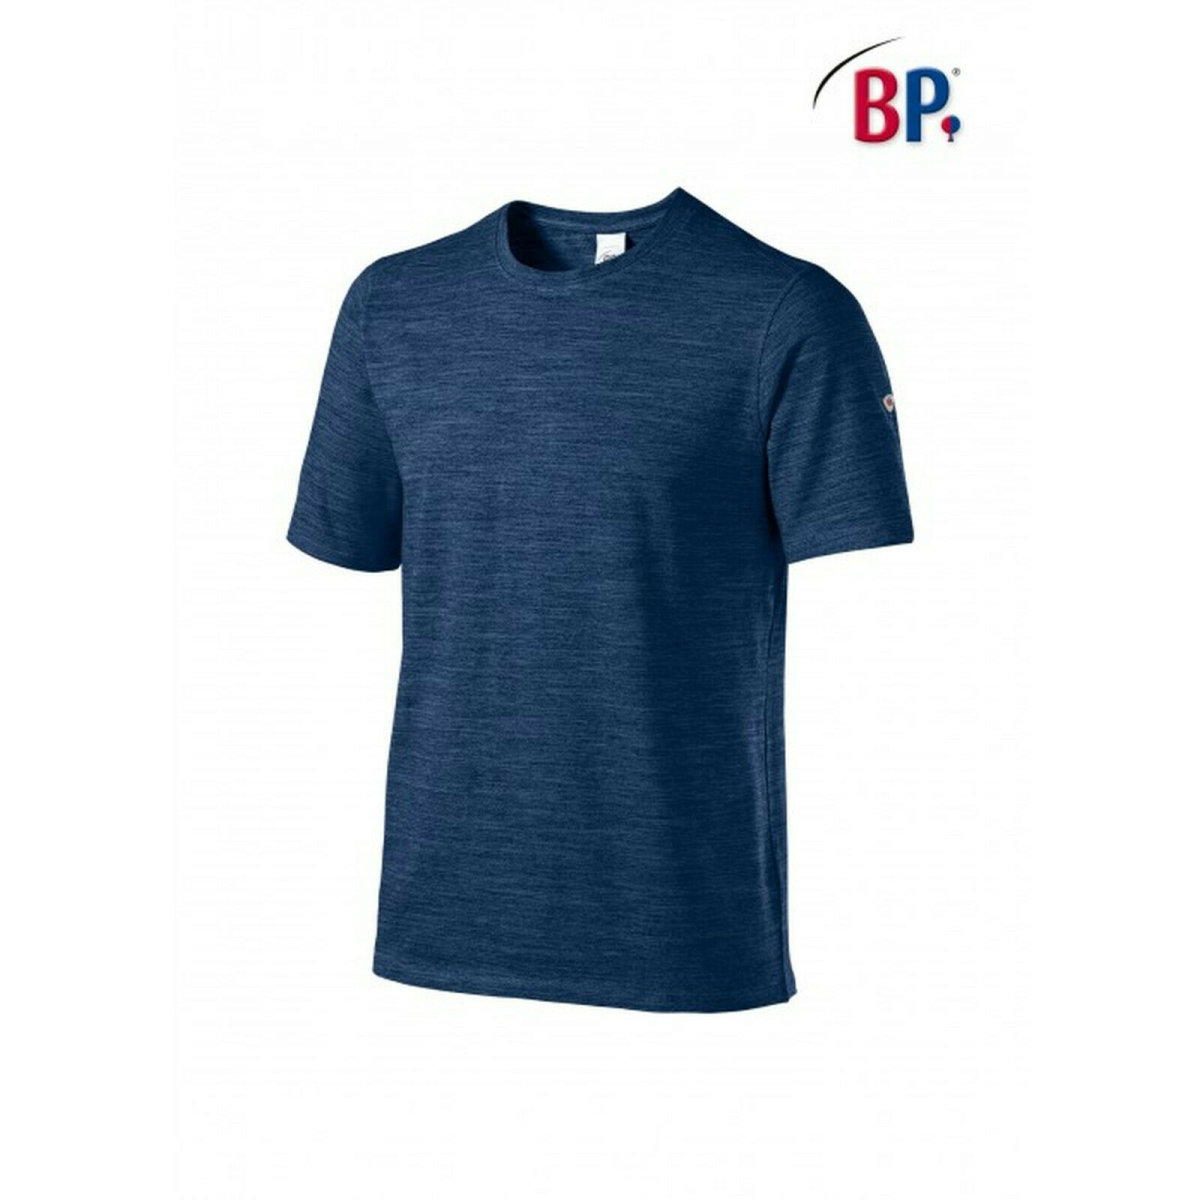 BP Workwear T-Shirt für Sie & Ihn 1714 space blau modern fit Shirt Stretch M